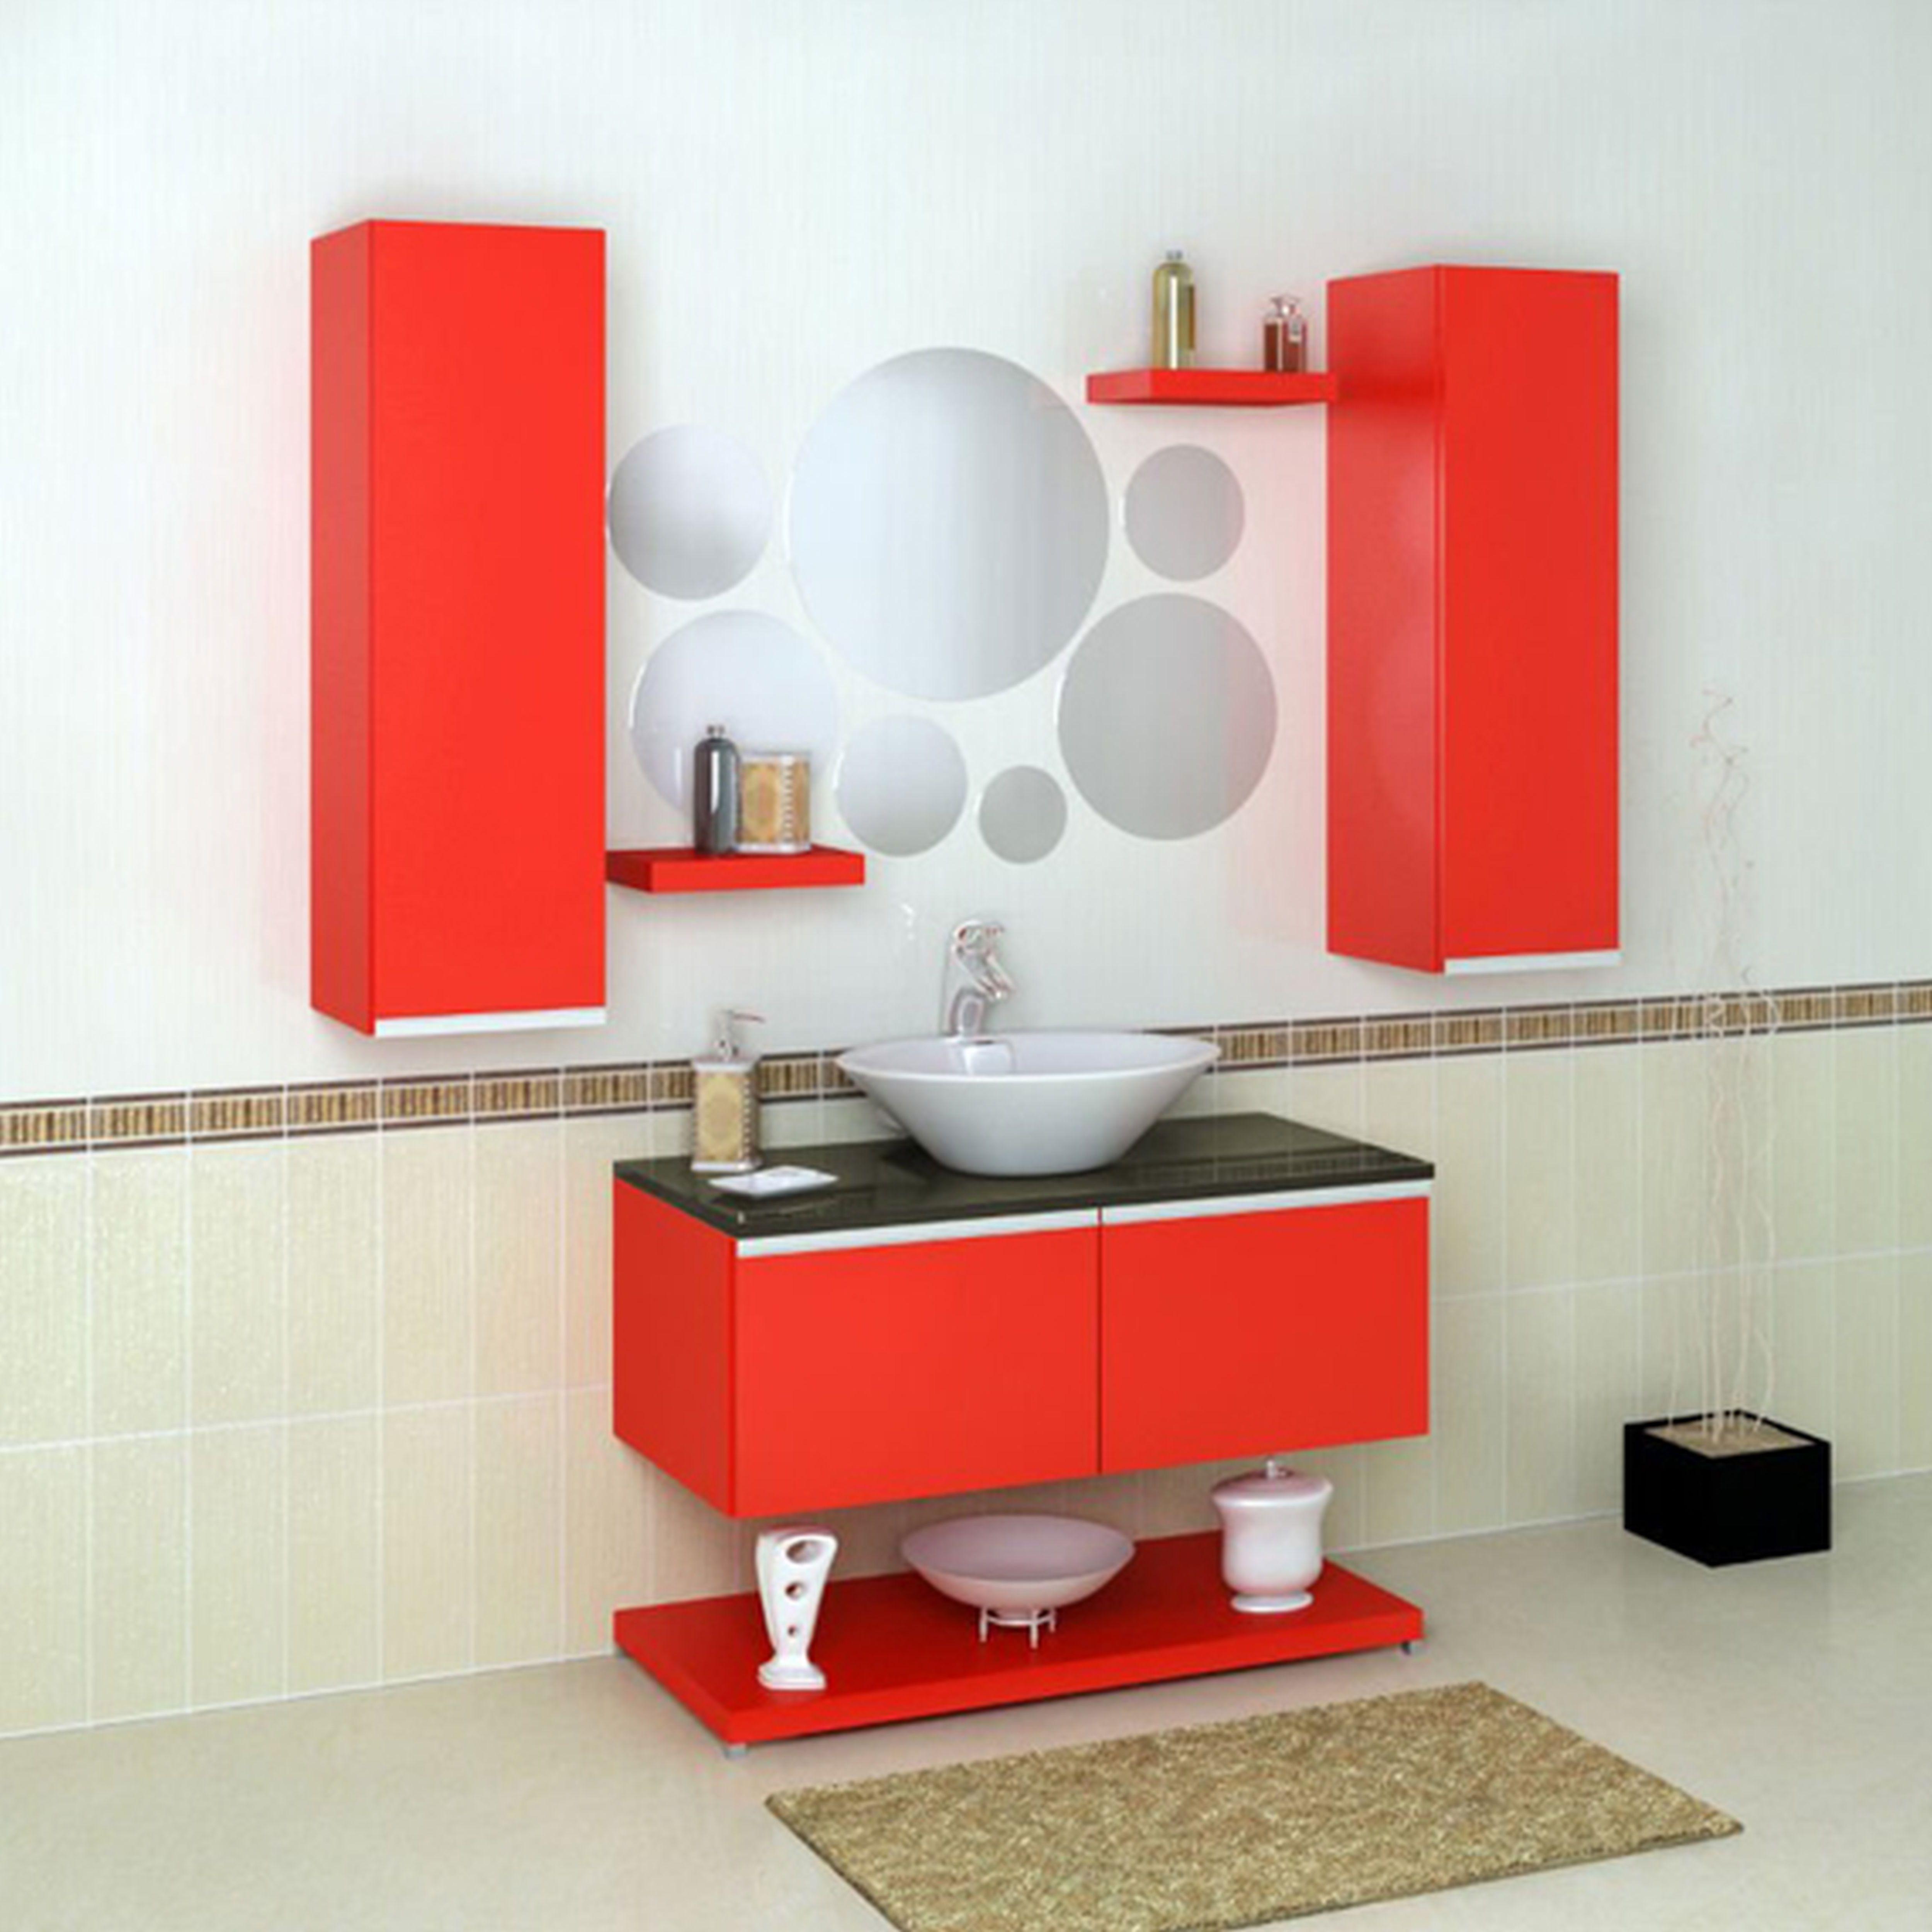 Red Bathroom Vanity Mirror